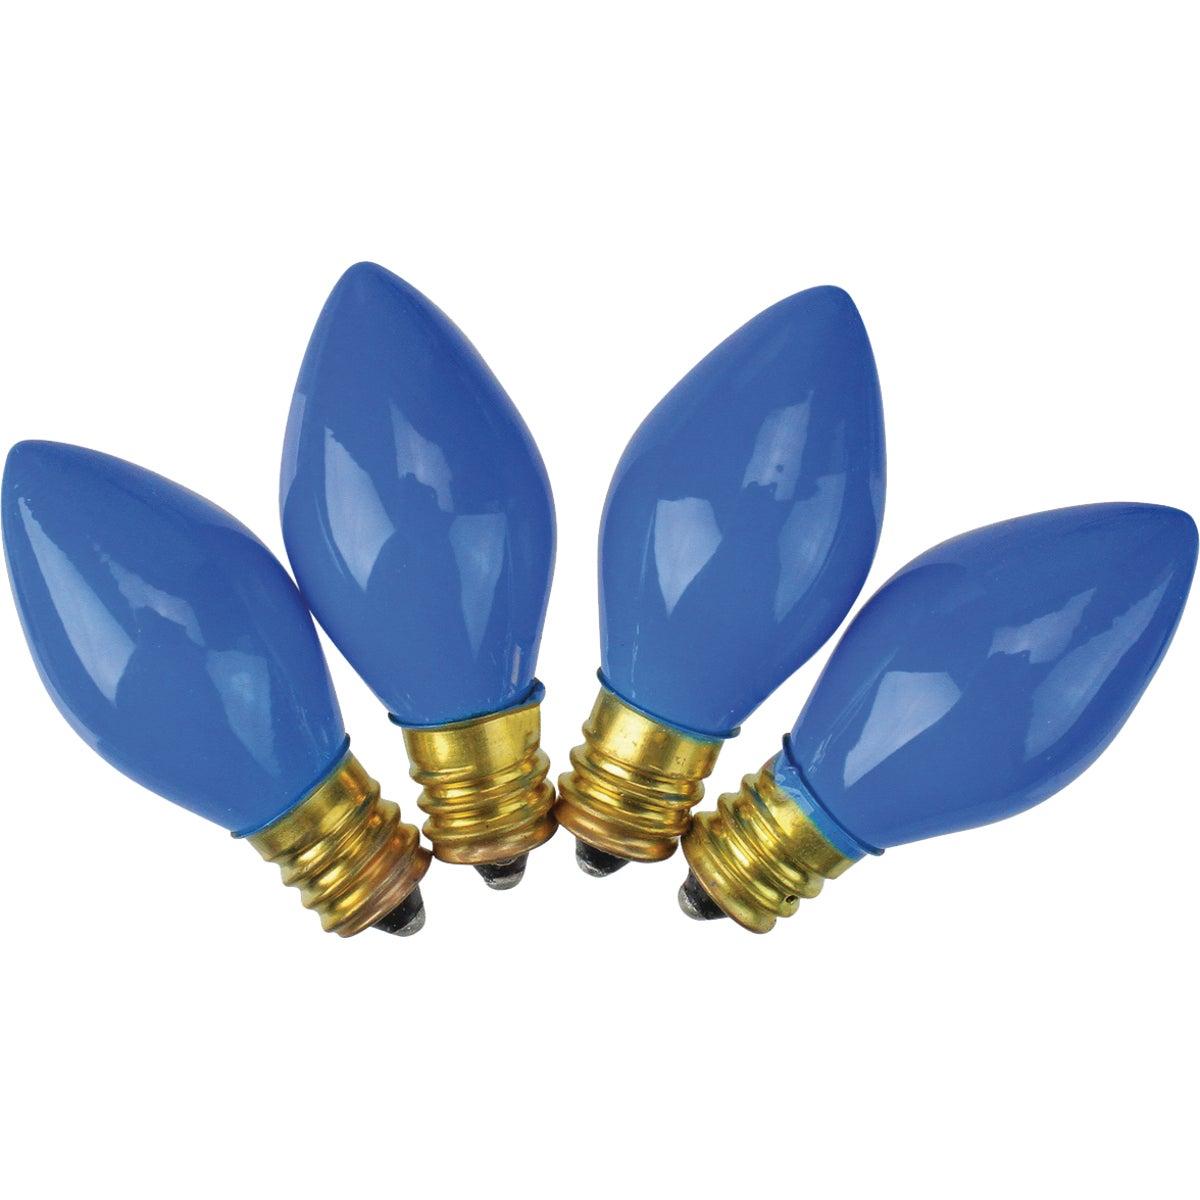 4PK C7 BLUE CERAM BULB - 1414-04 by J Hofert    P